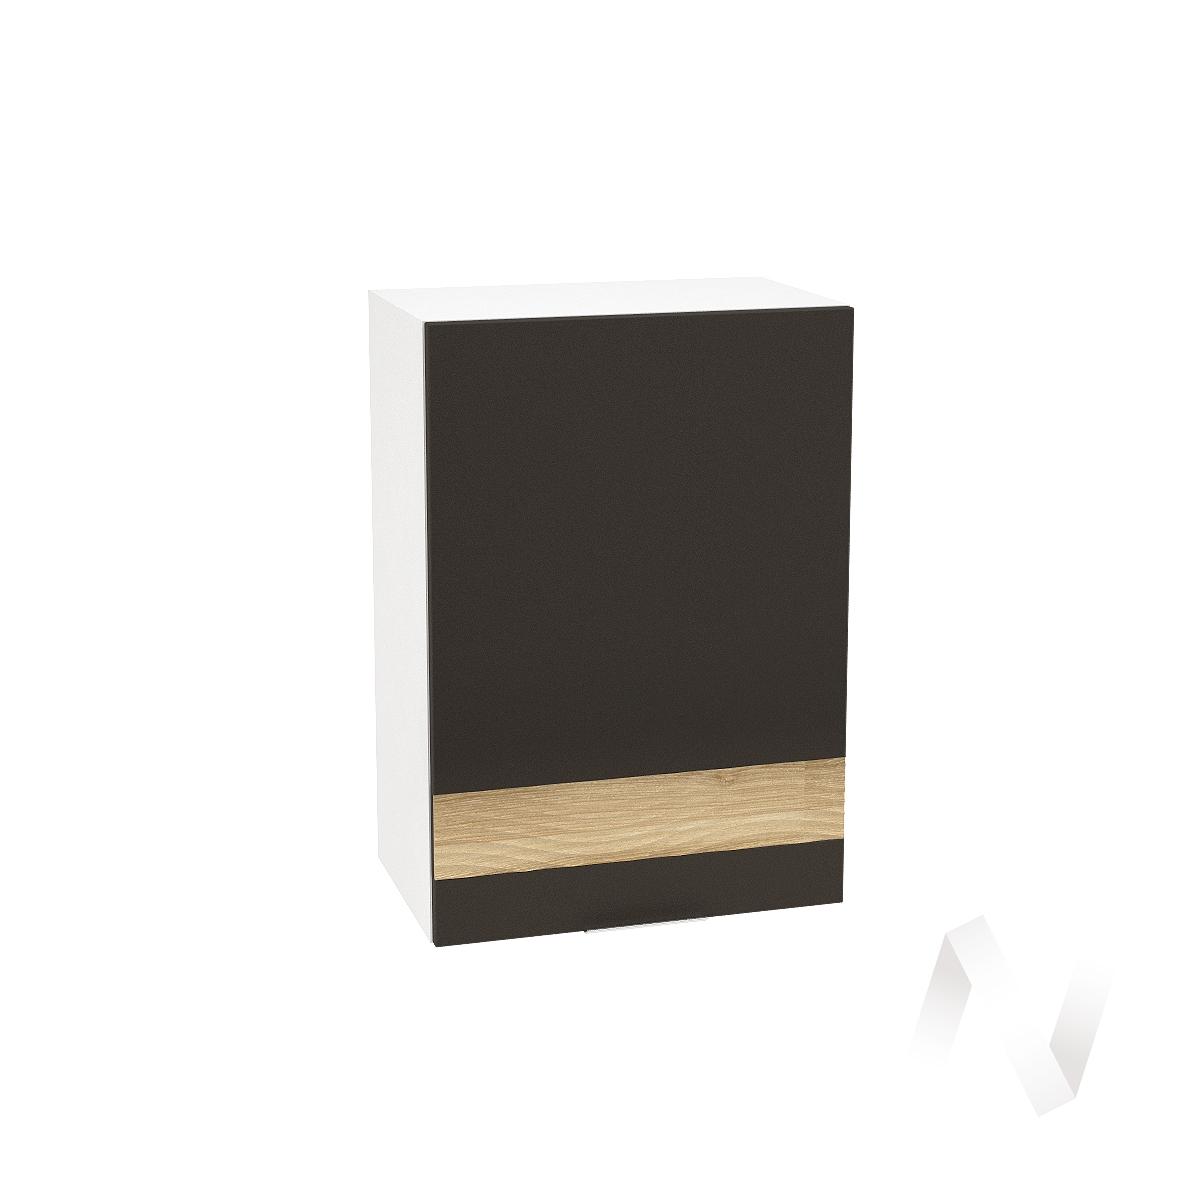 """Кухня """"Терра"""": Шкаф верхний правый 500, ШВ 500 (смоки софт/ель карпаткая/корпус белый)"""